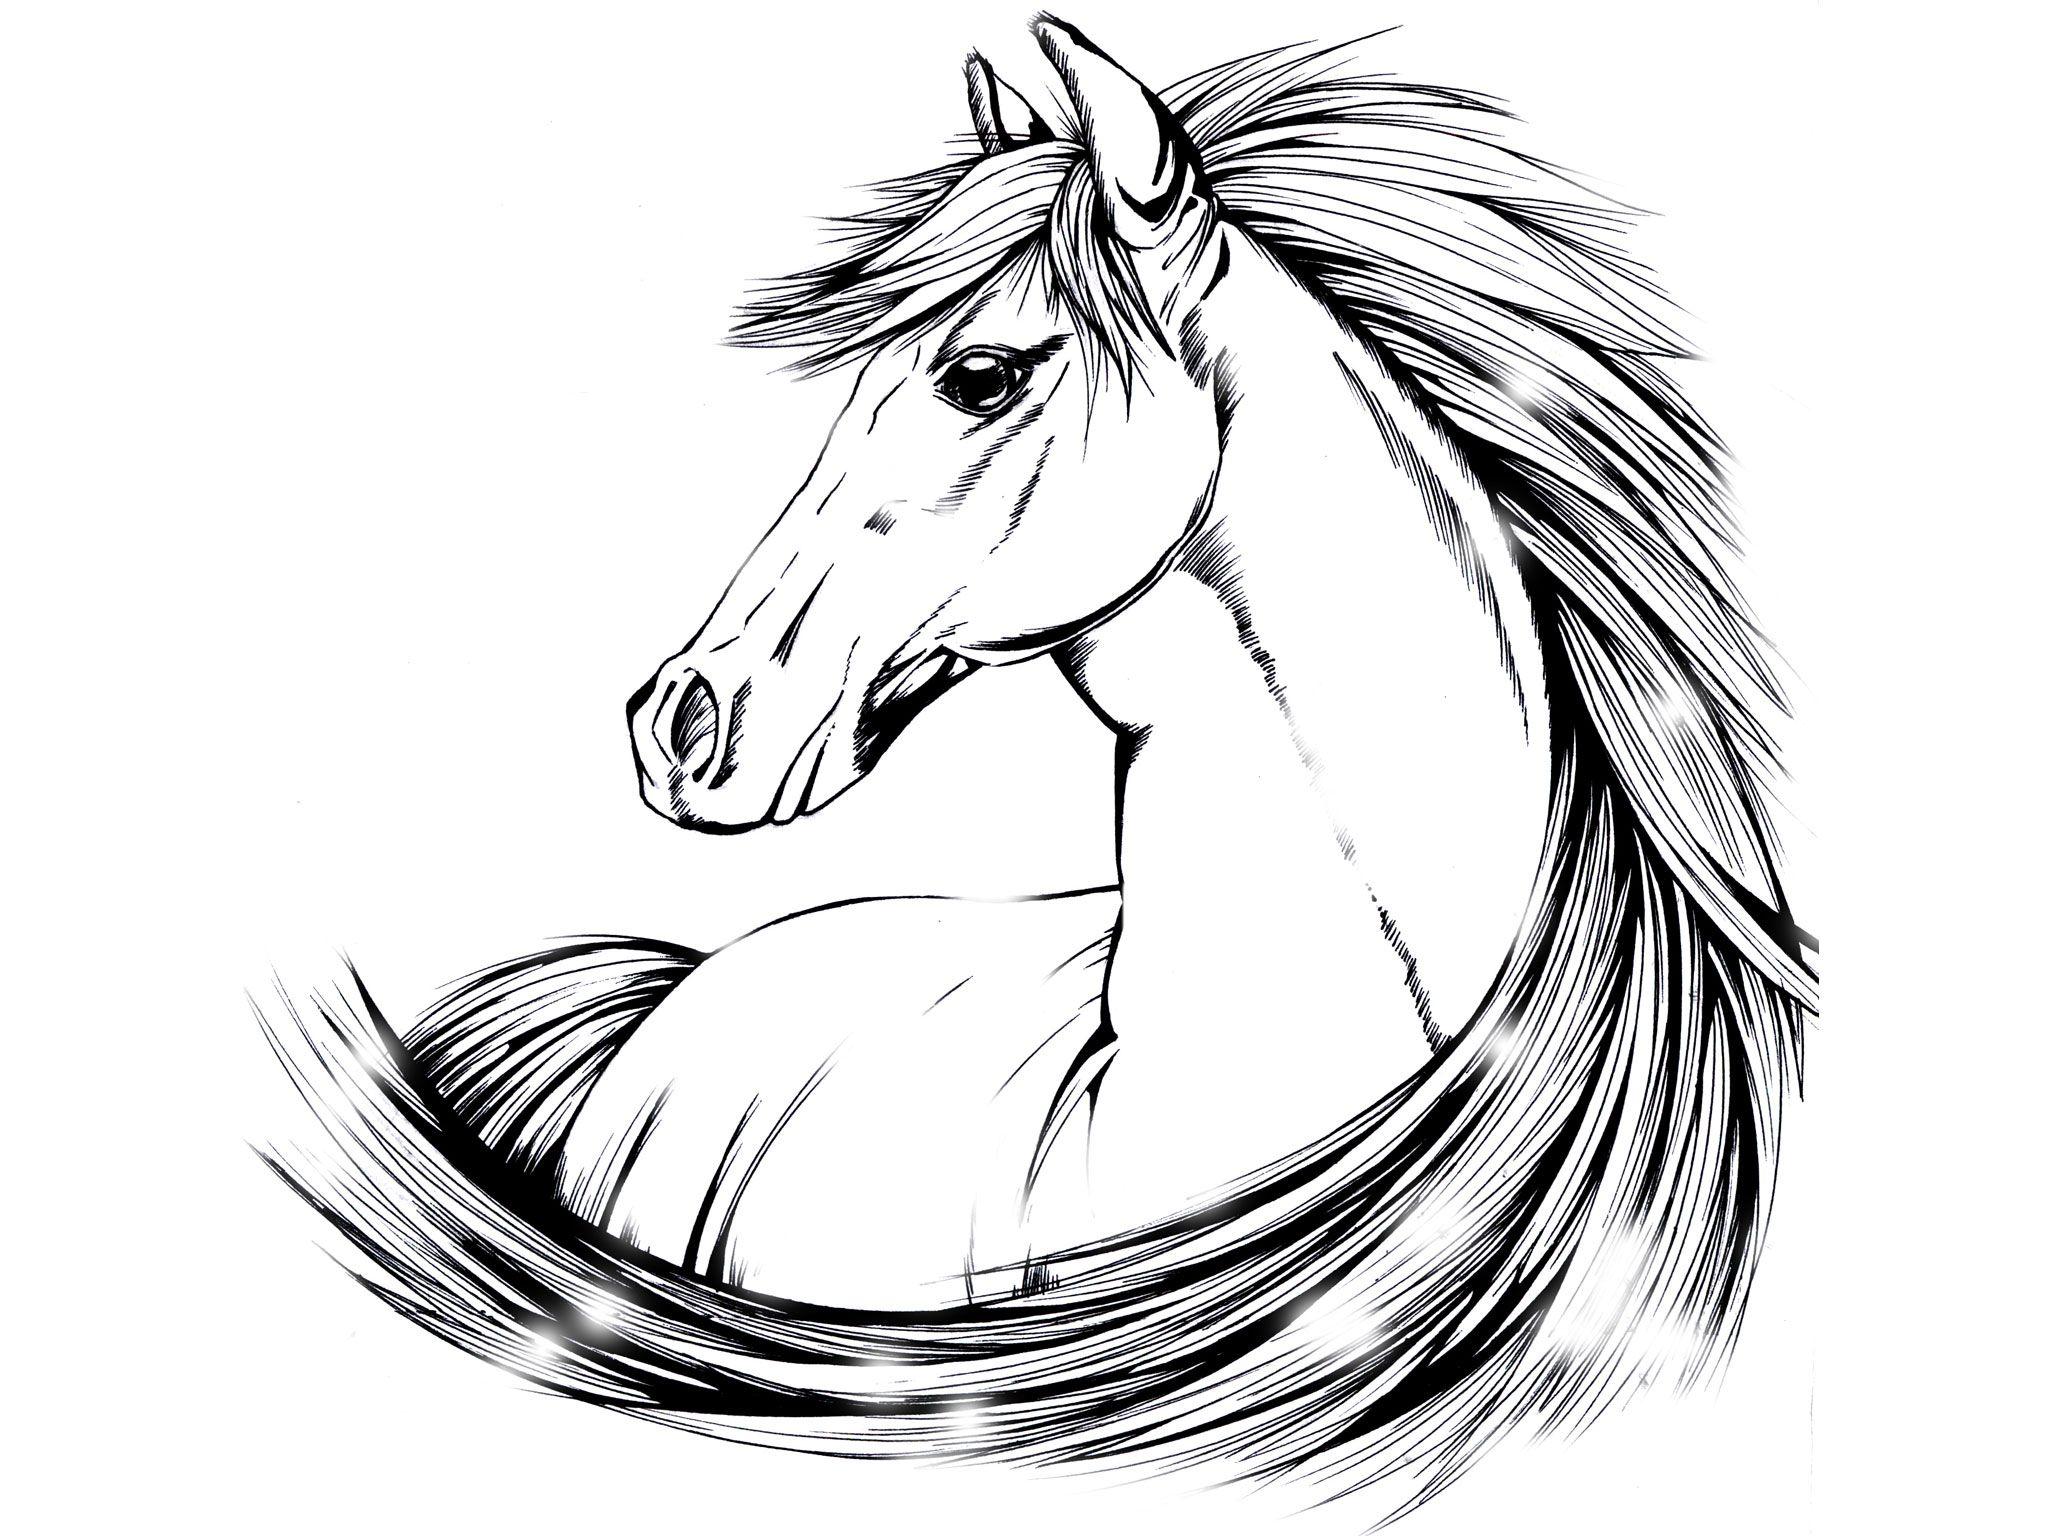 Popular Wallpaper Horse Eagle - a94d6ff13042c6e27e38f46c3263997d  2018_573199.jpg